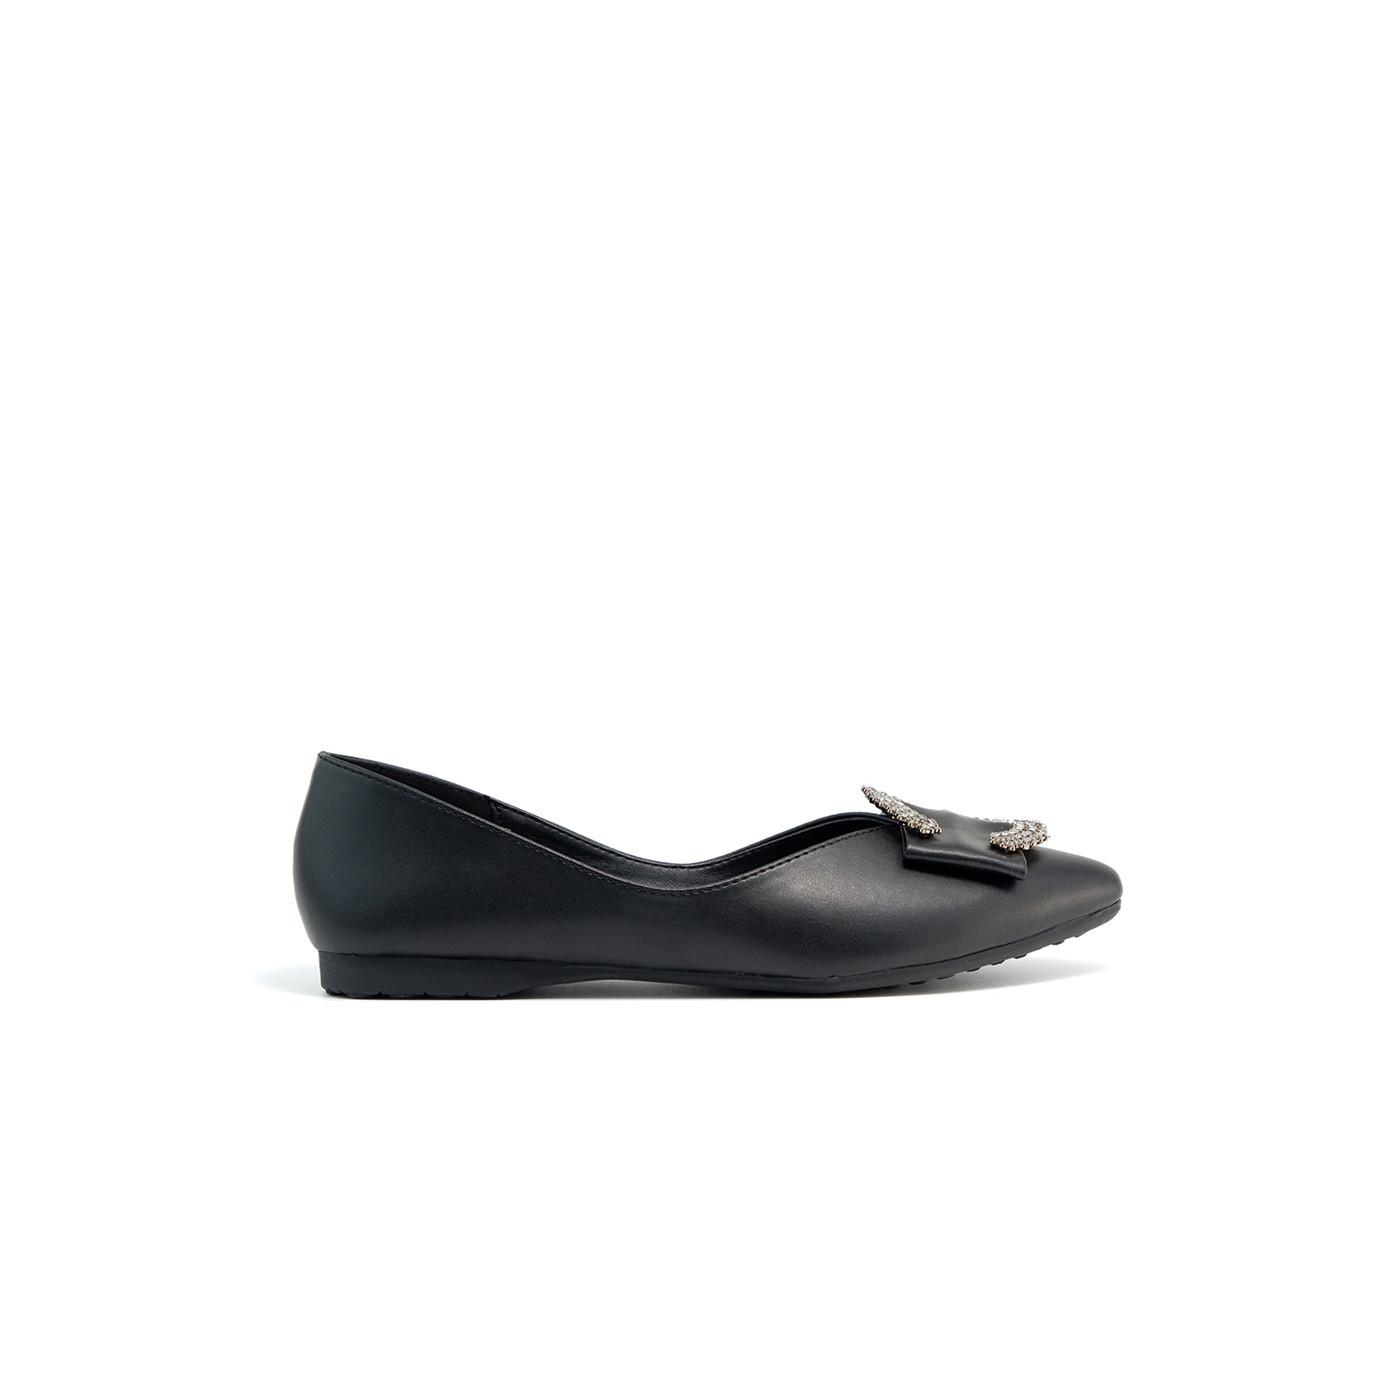 Giày búp bê nữ da phối khóa vuông siêu đẹp PABNO PN16003